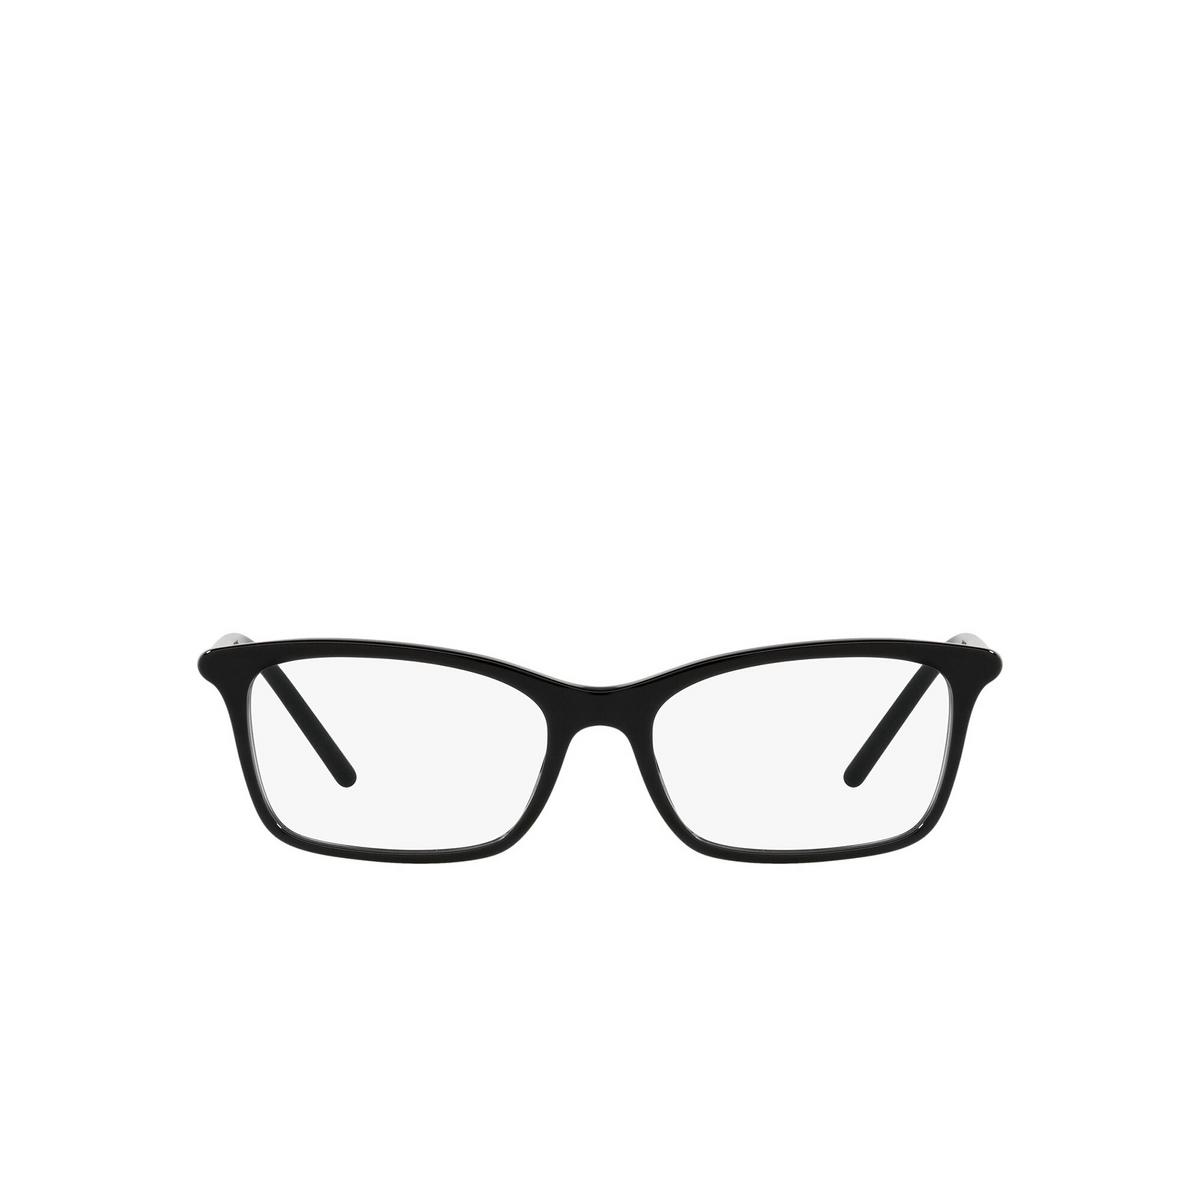 Prada® Rectangle Eyeglasses: PR 16WV color Black 1AB1O1 - front view.